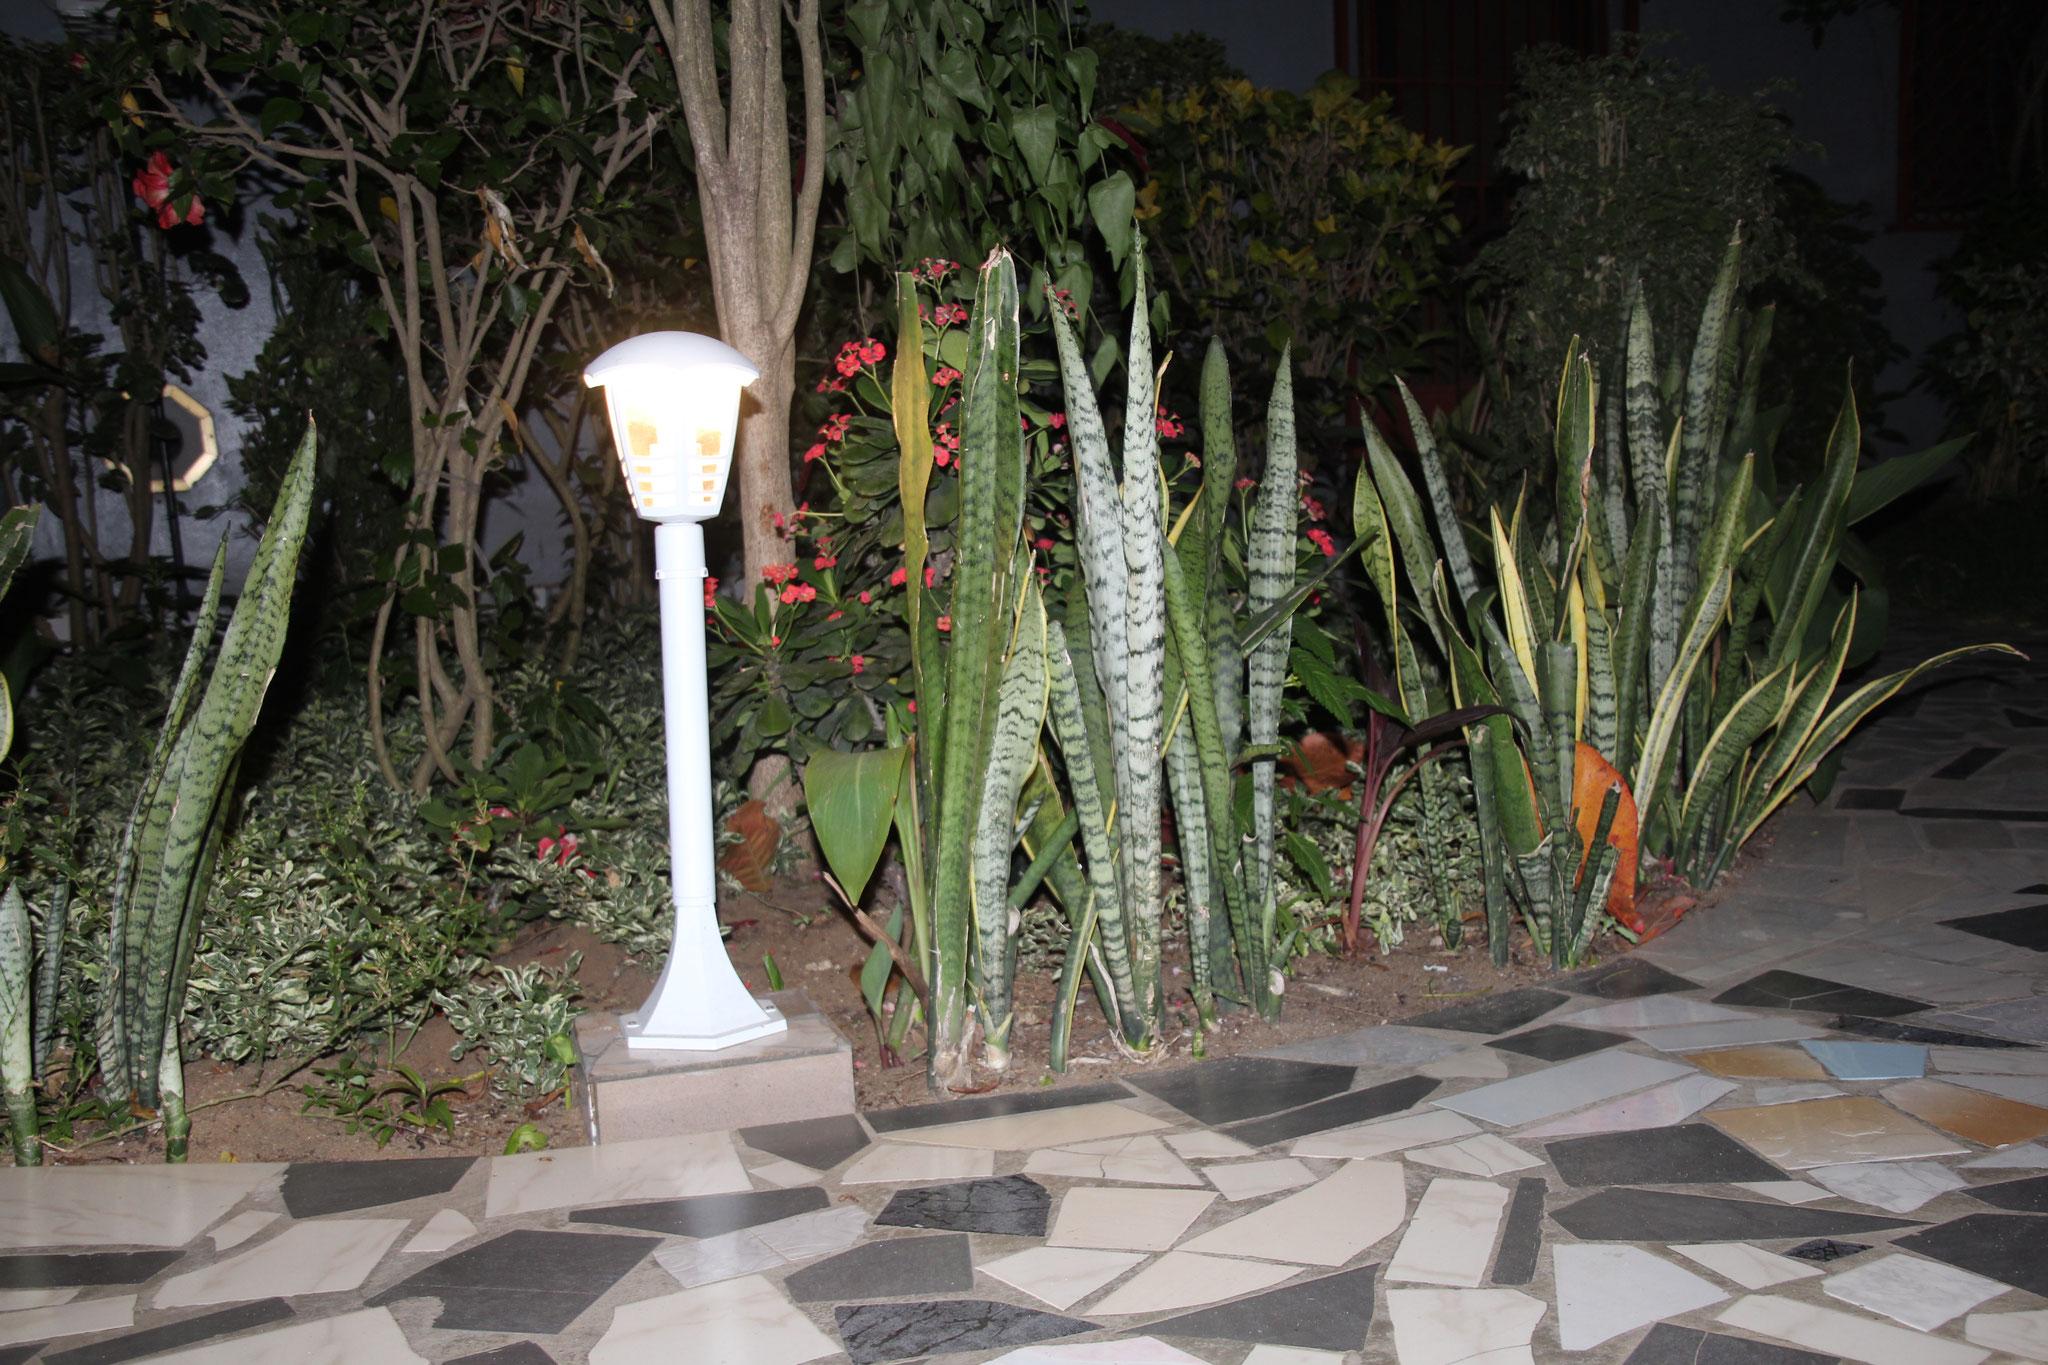 Sechs solche Lampen sind im Garten und zwei auf der Terrasse.